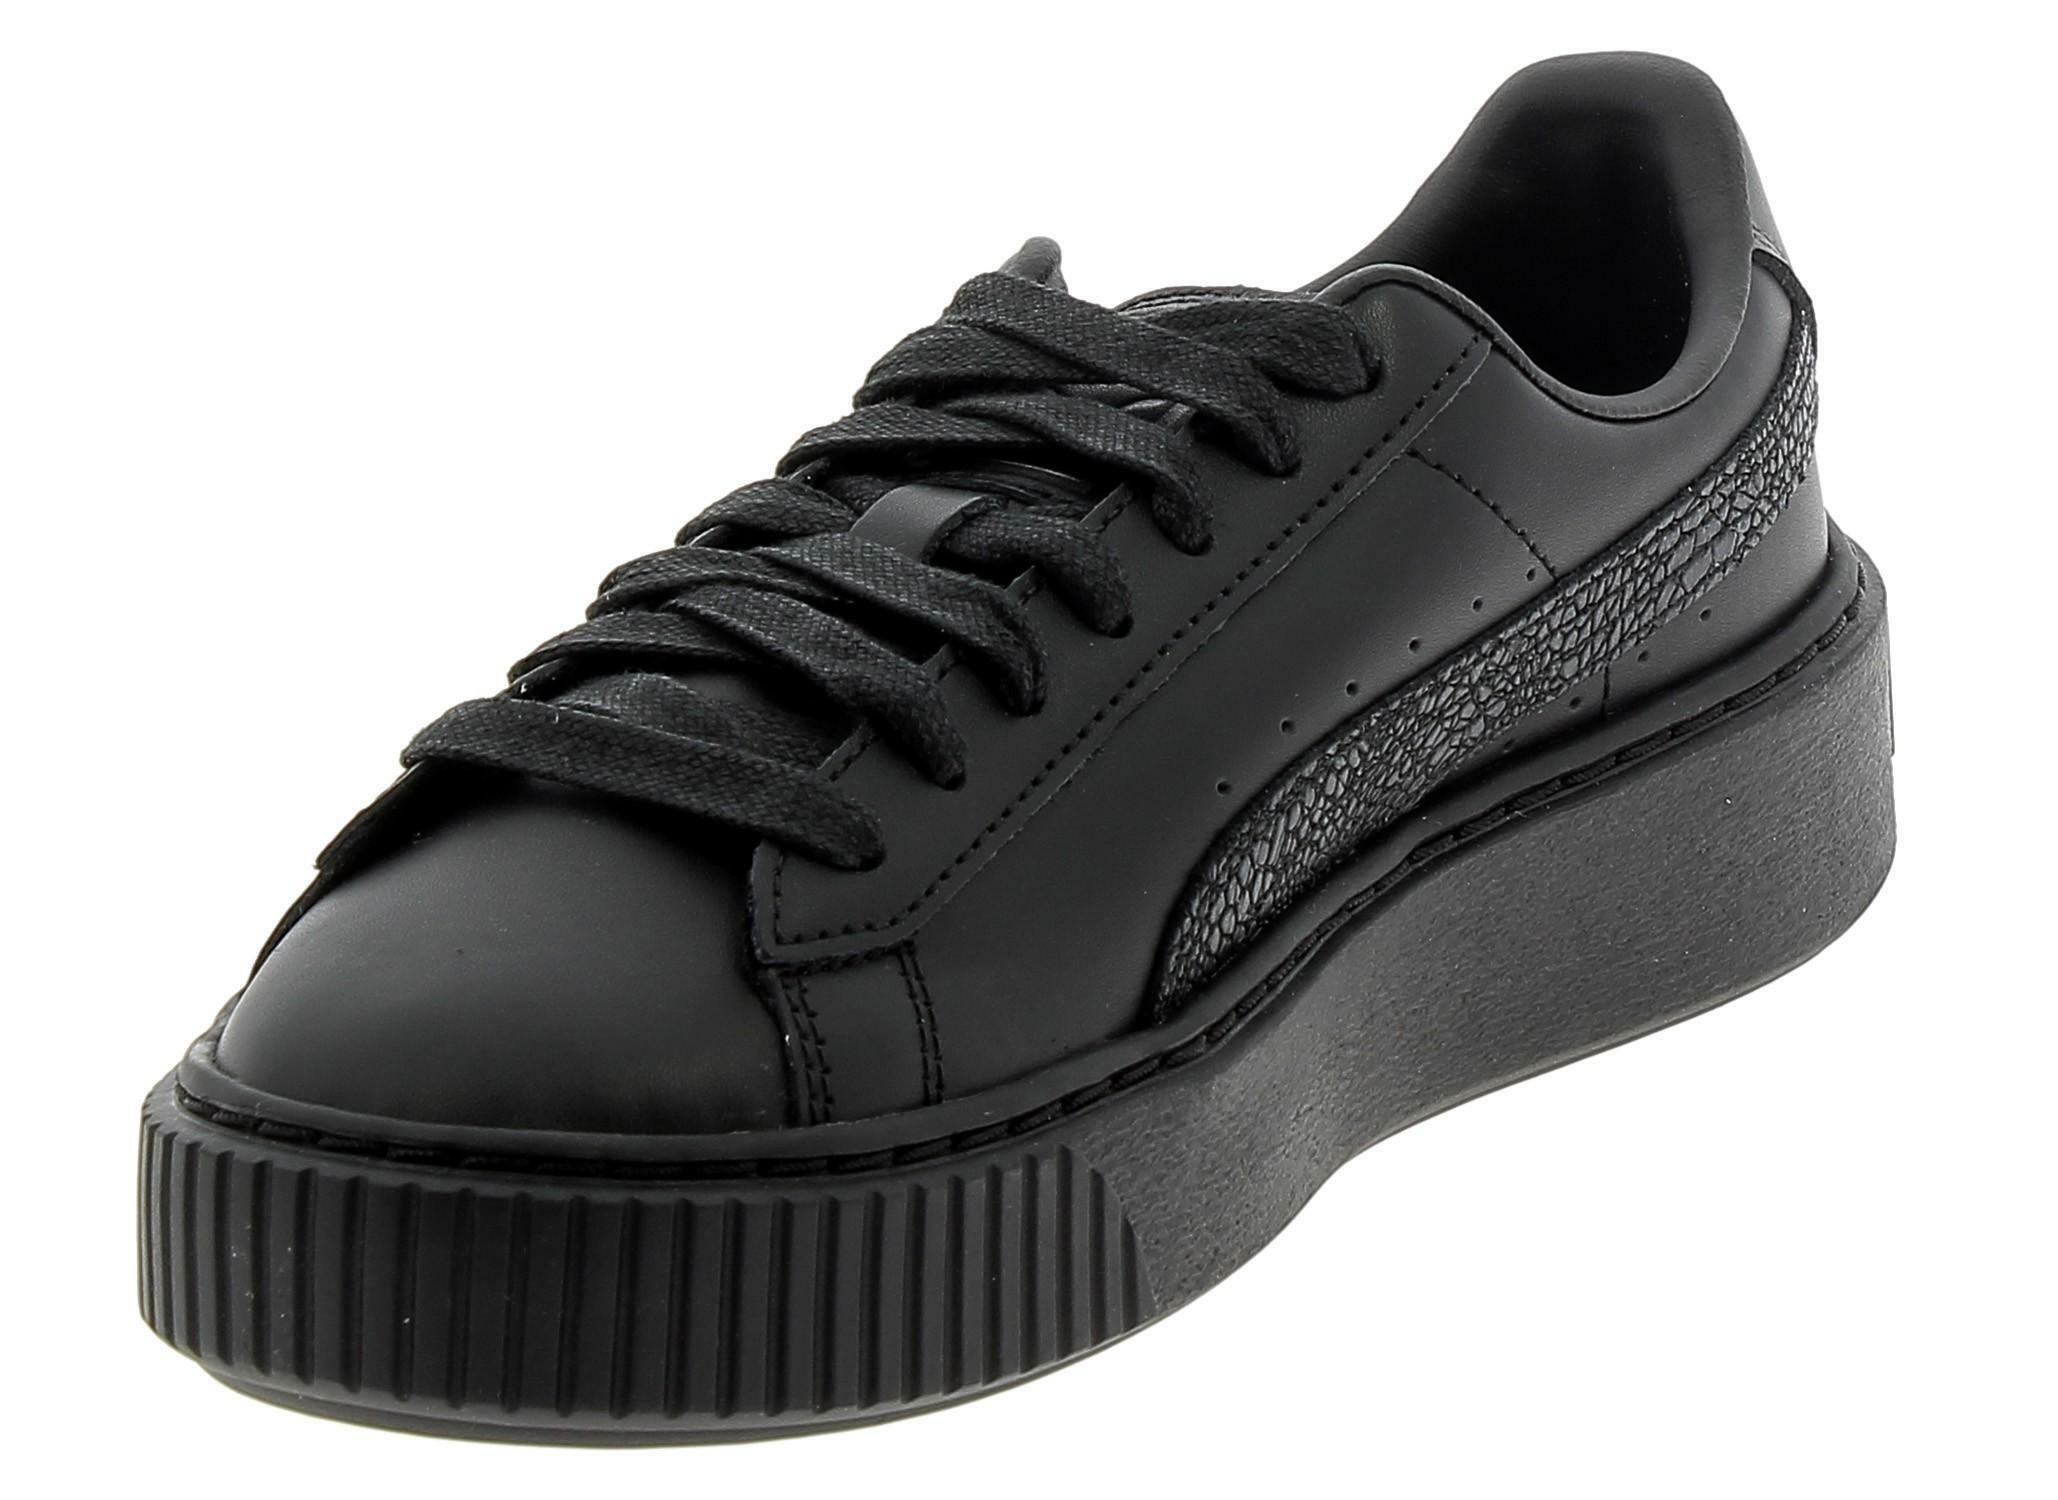 scarpe puma basket donna nere